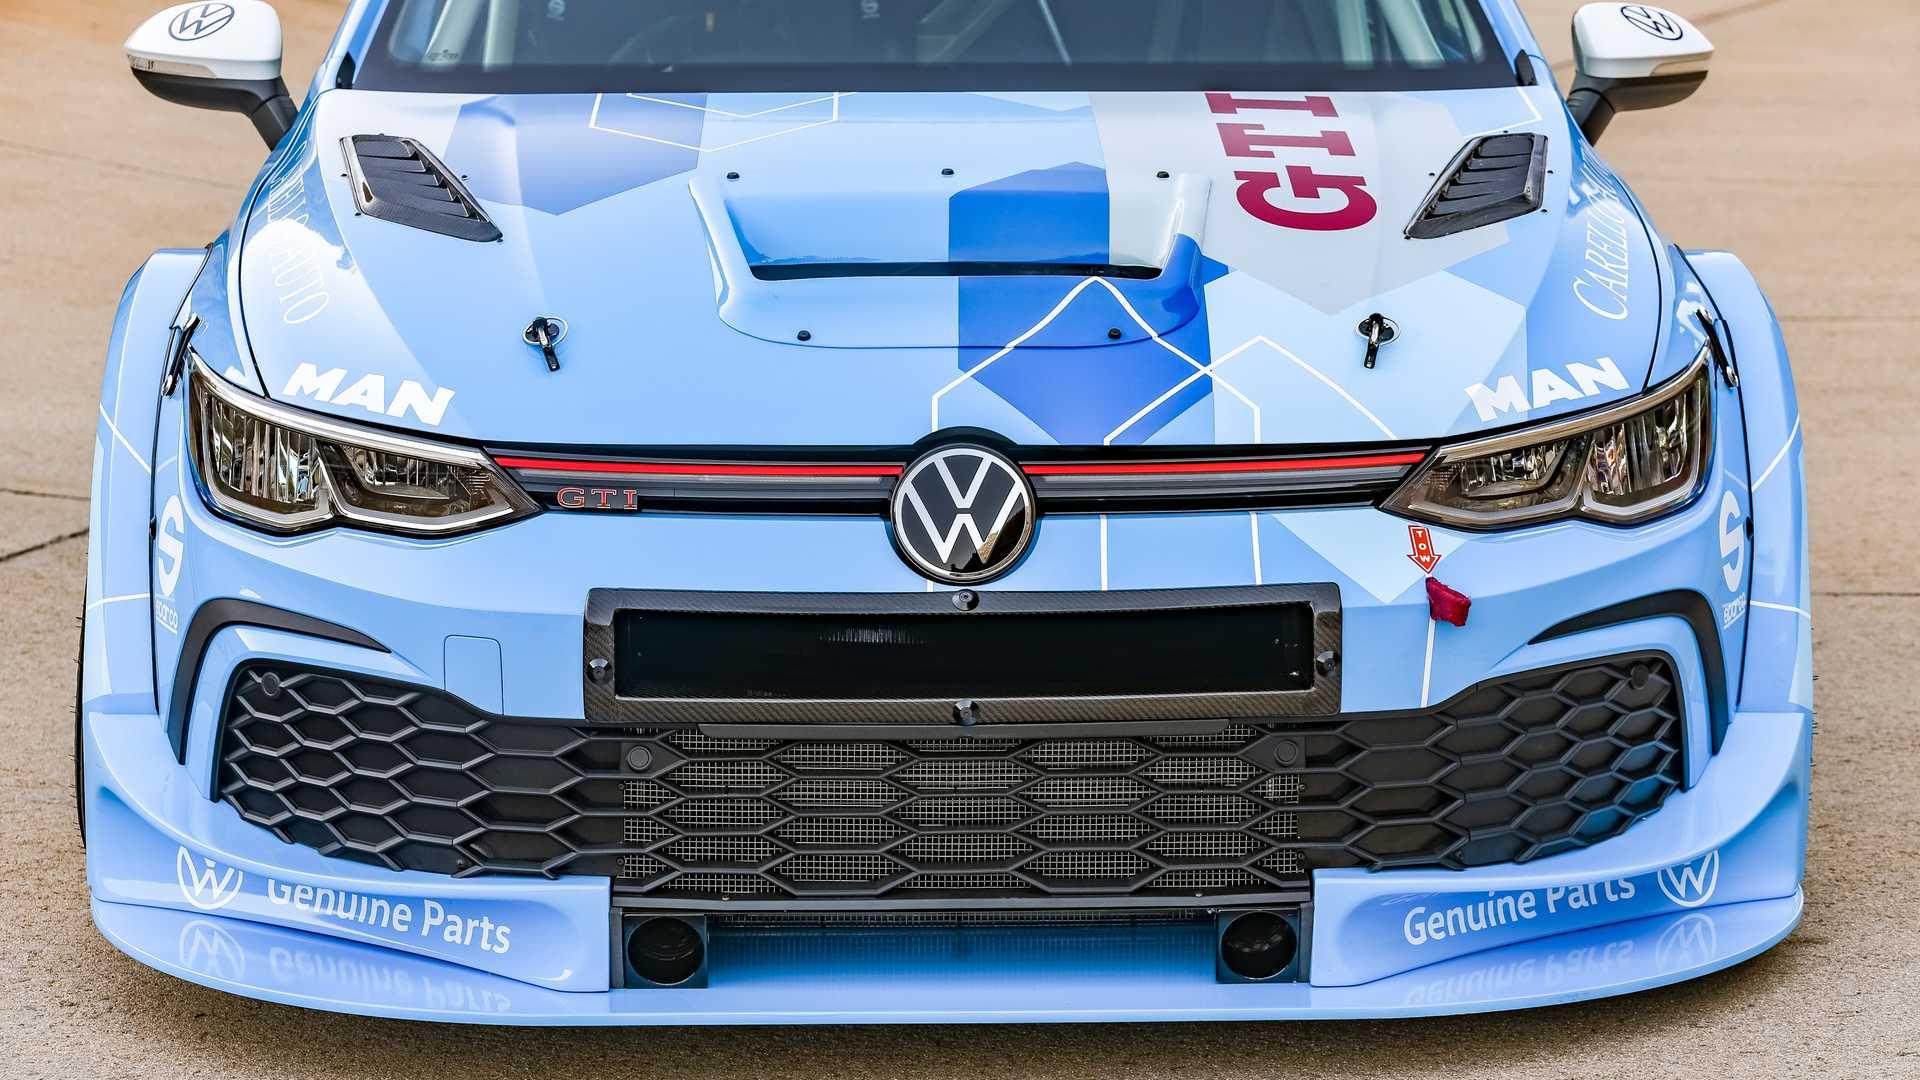 Volkswagen-GTI-GTC-Race-Car-9